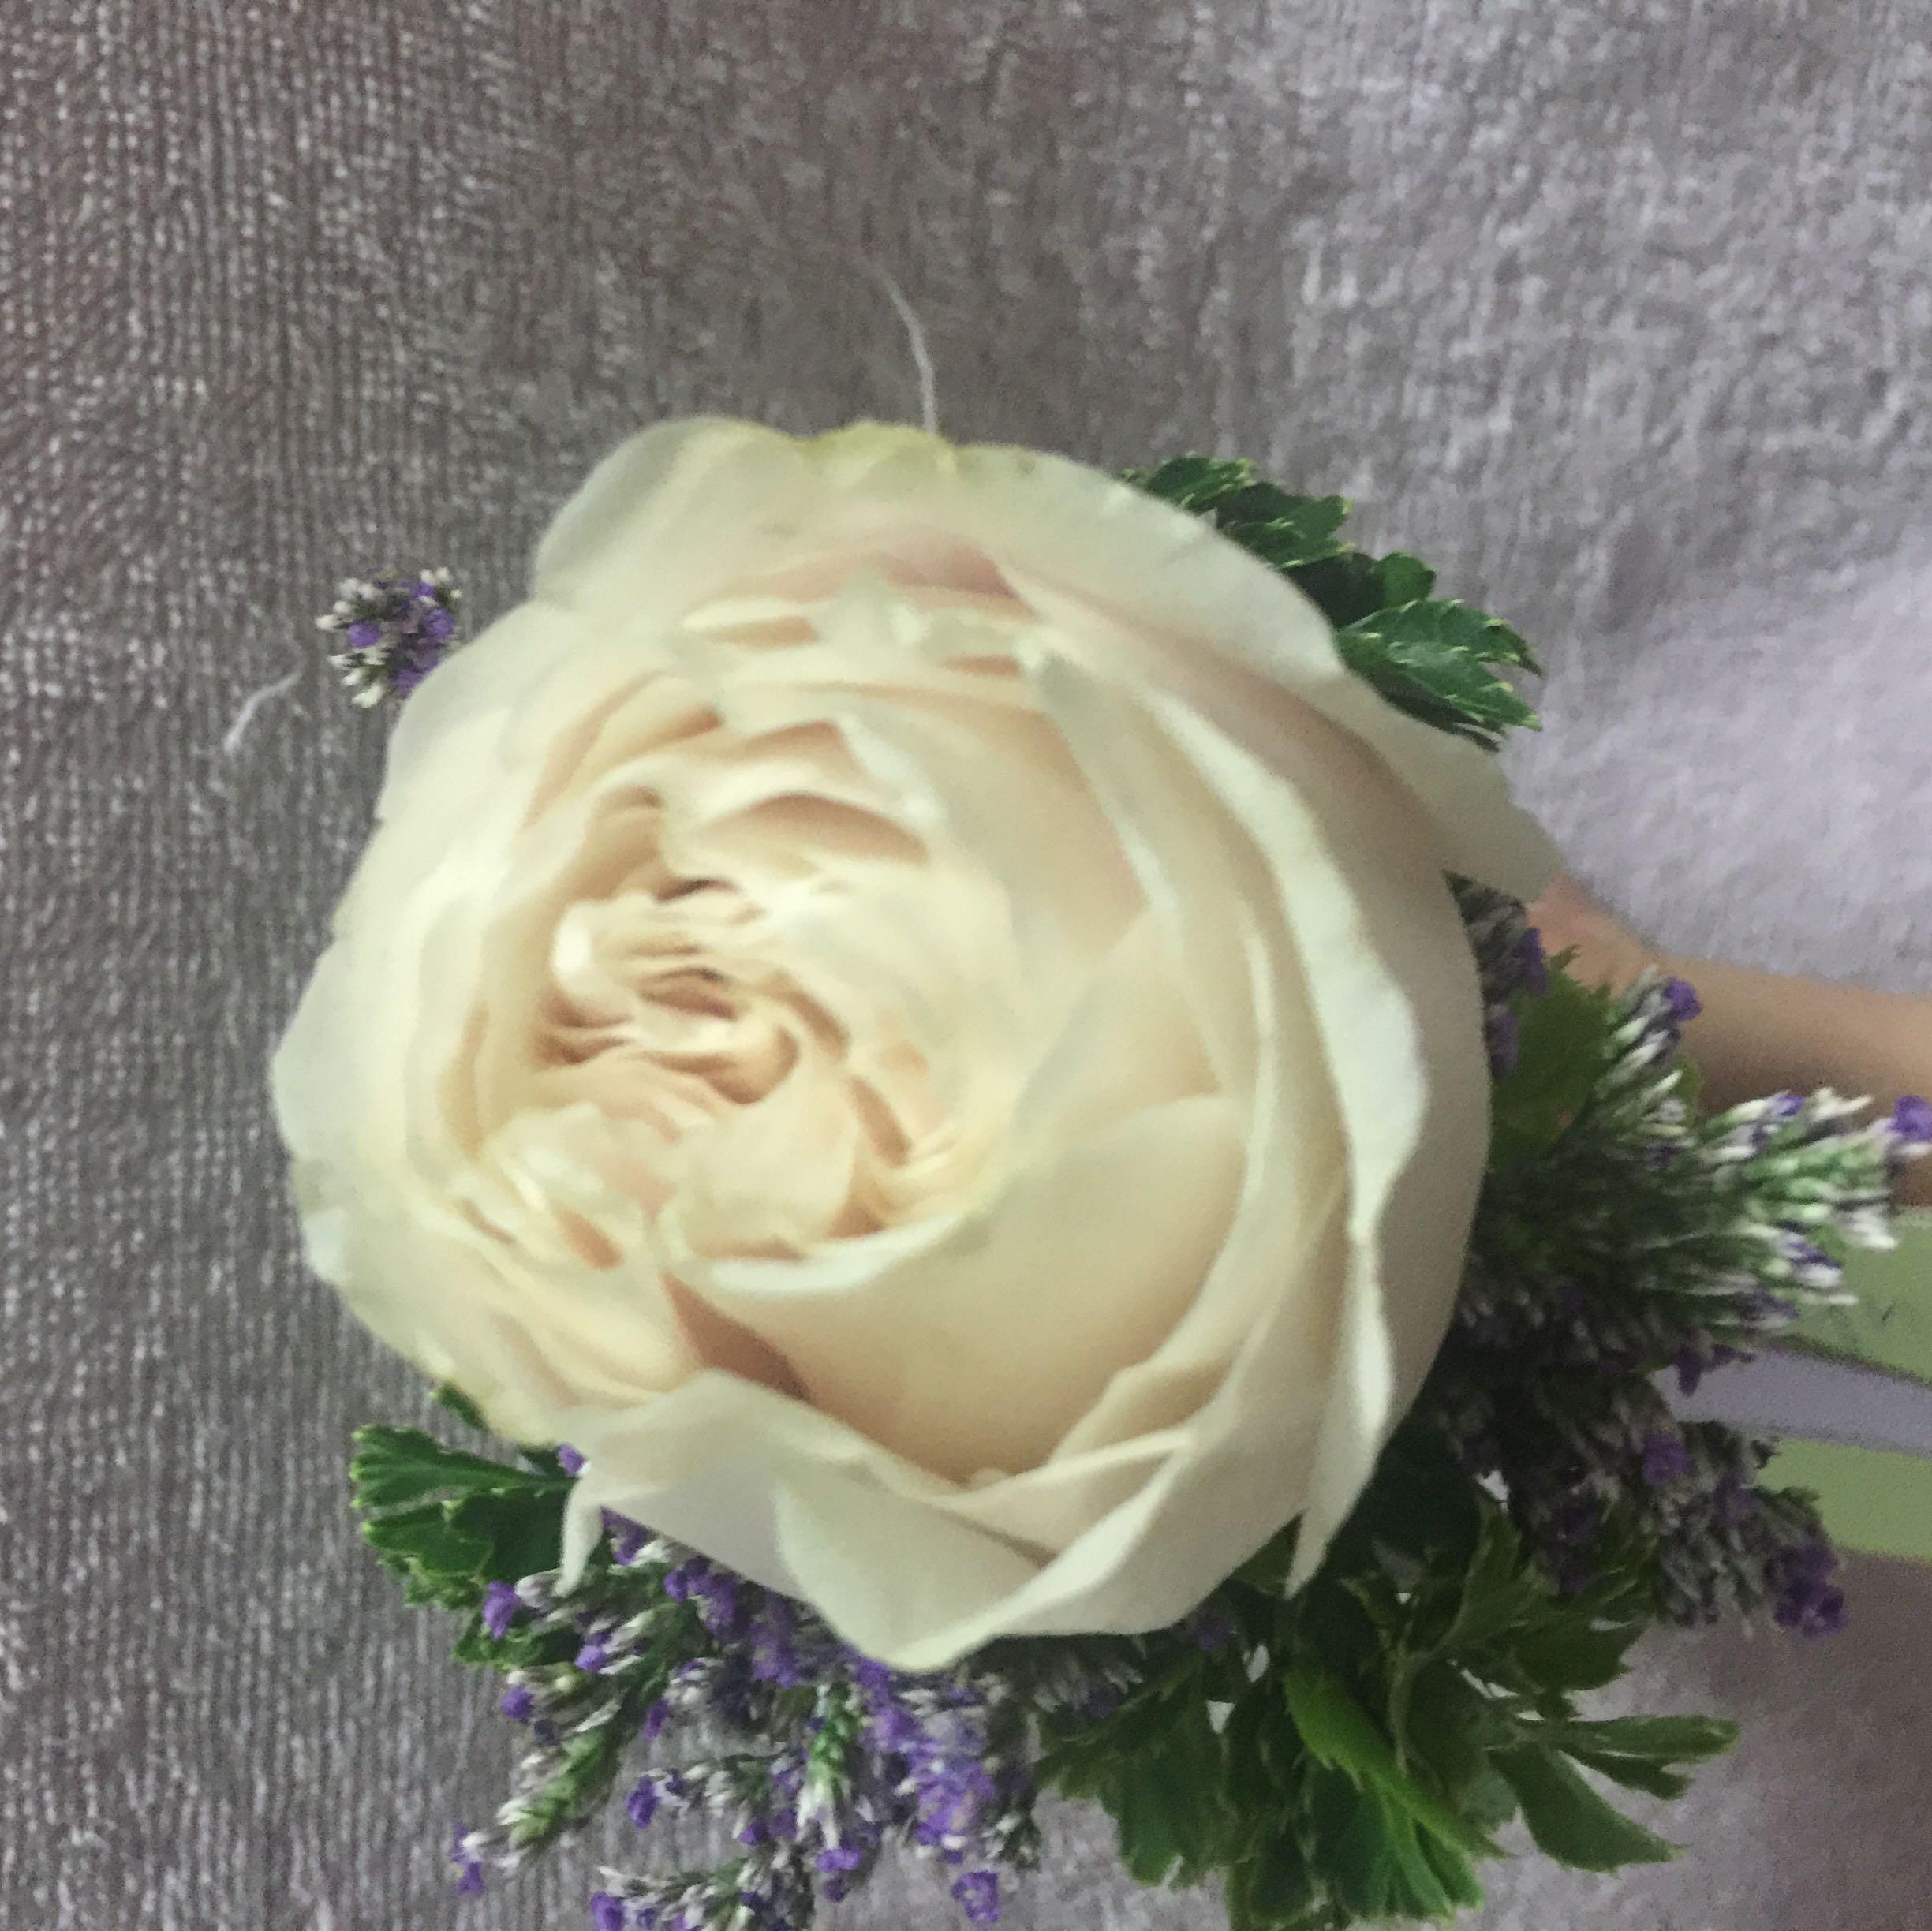 roselynette